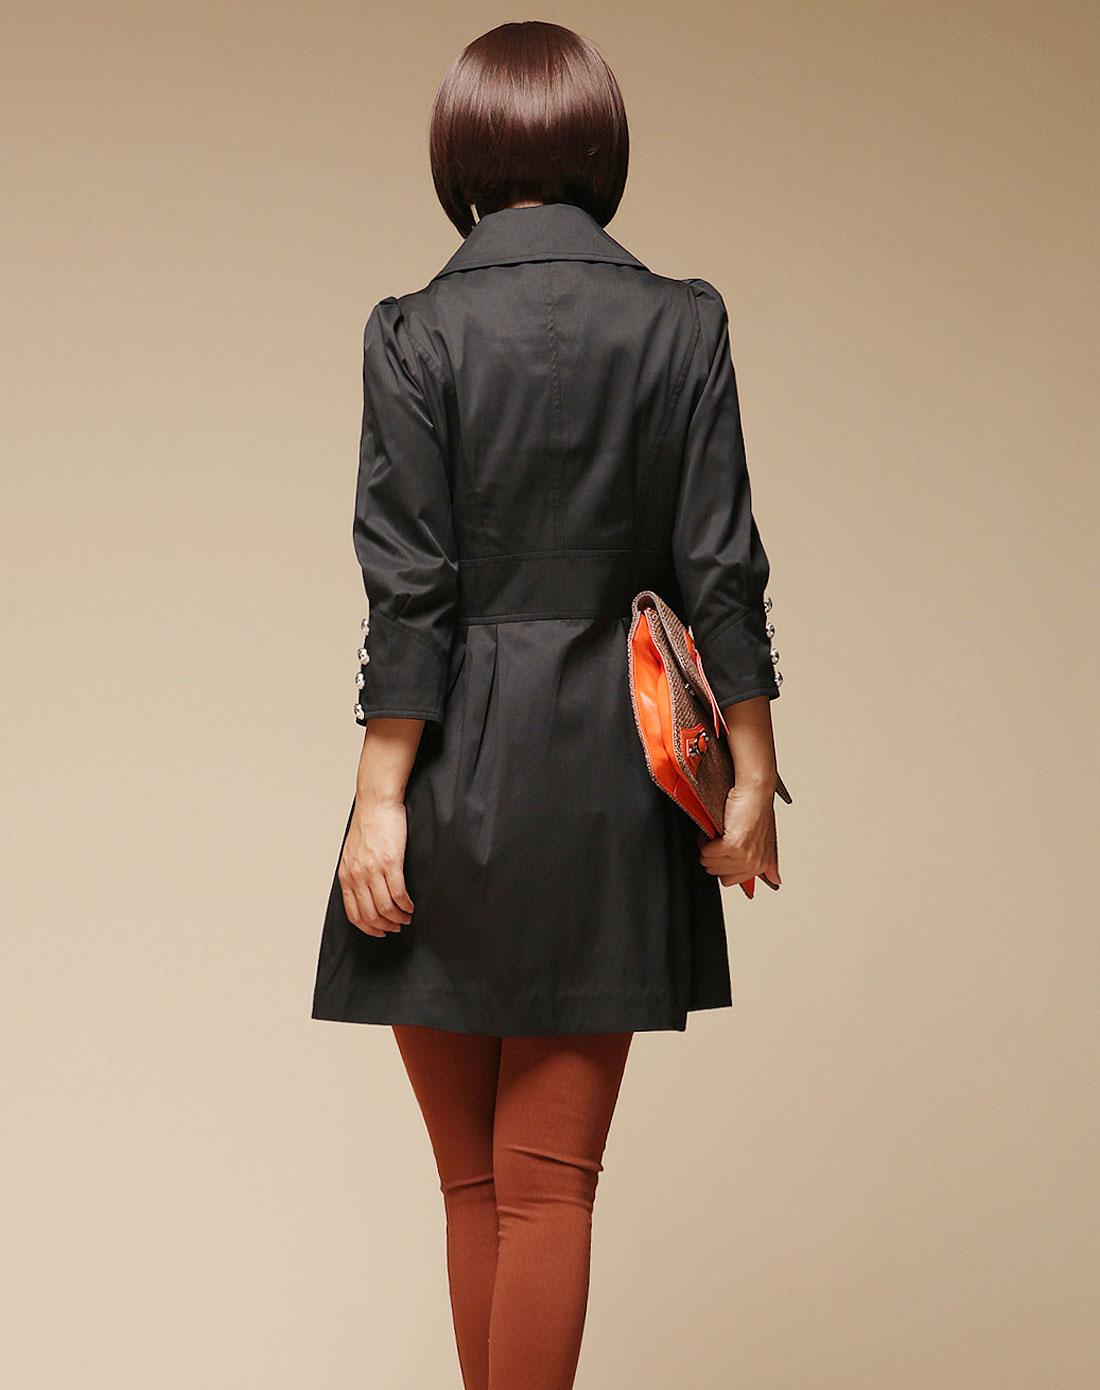 黑色女裝長袖風衣圖片